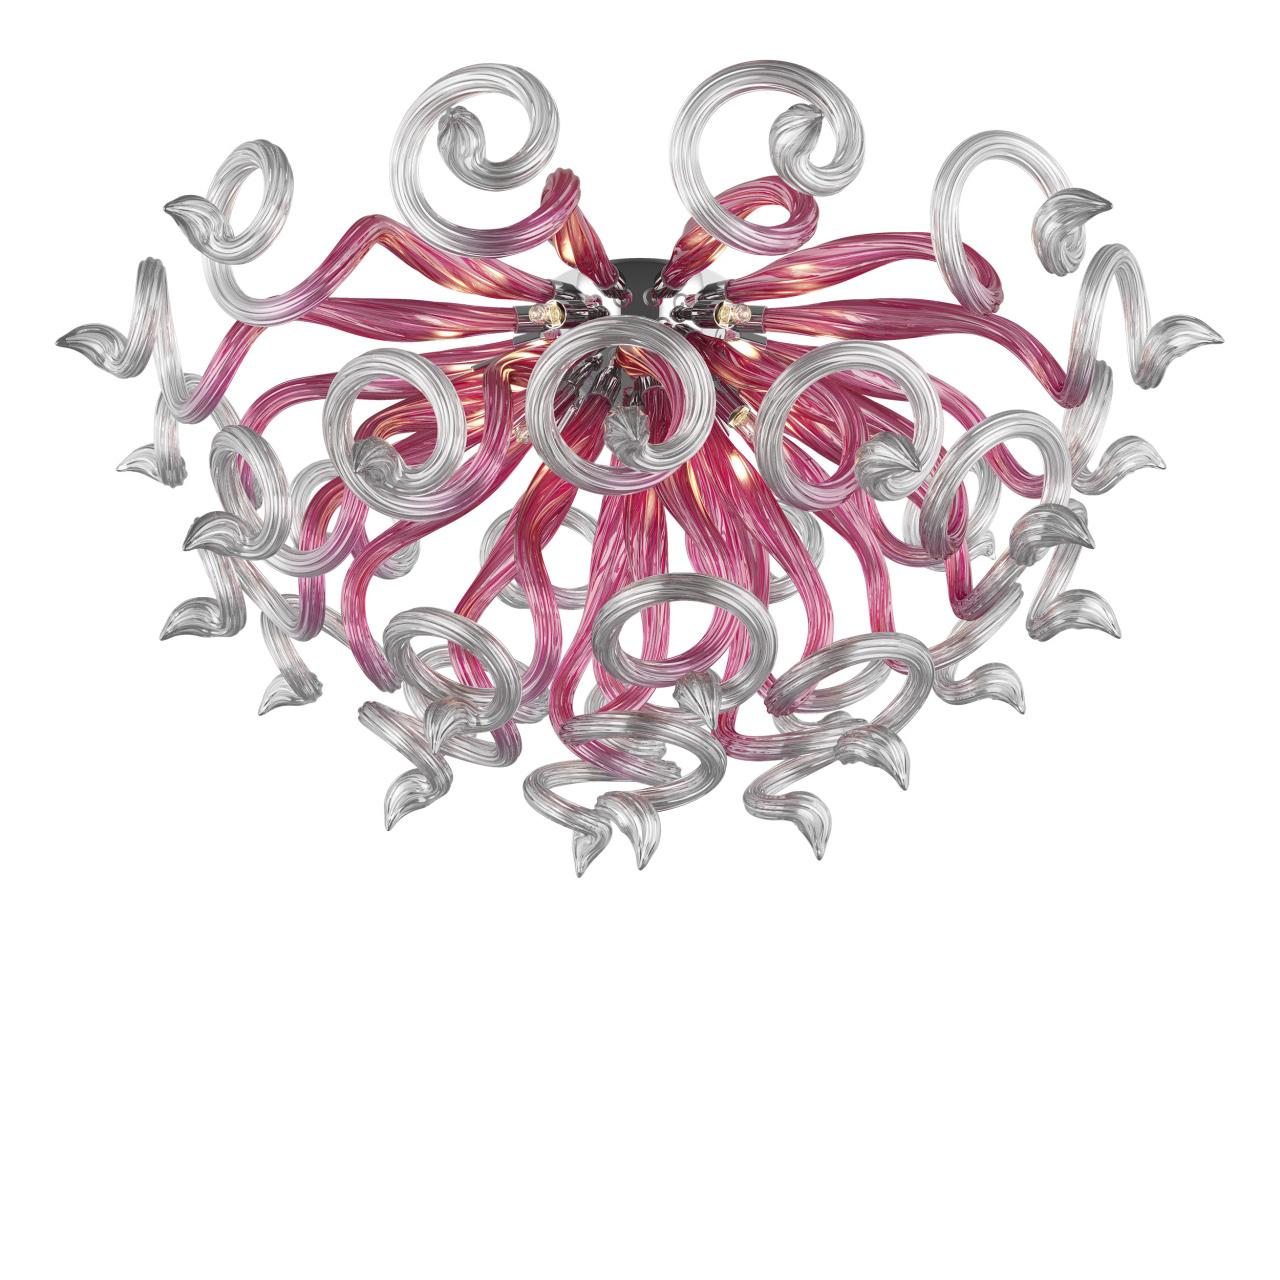 Люстра потолочная Medusa 9x40W G9 розовый / прозрачный Lightstar 890092